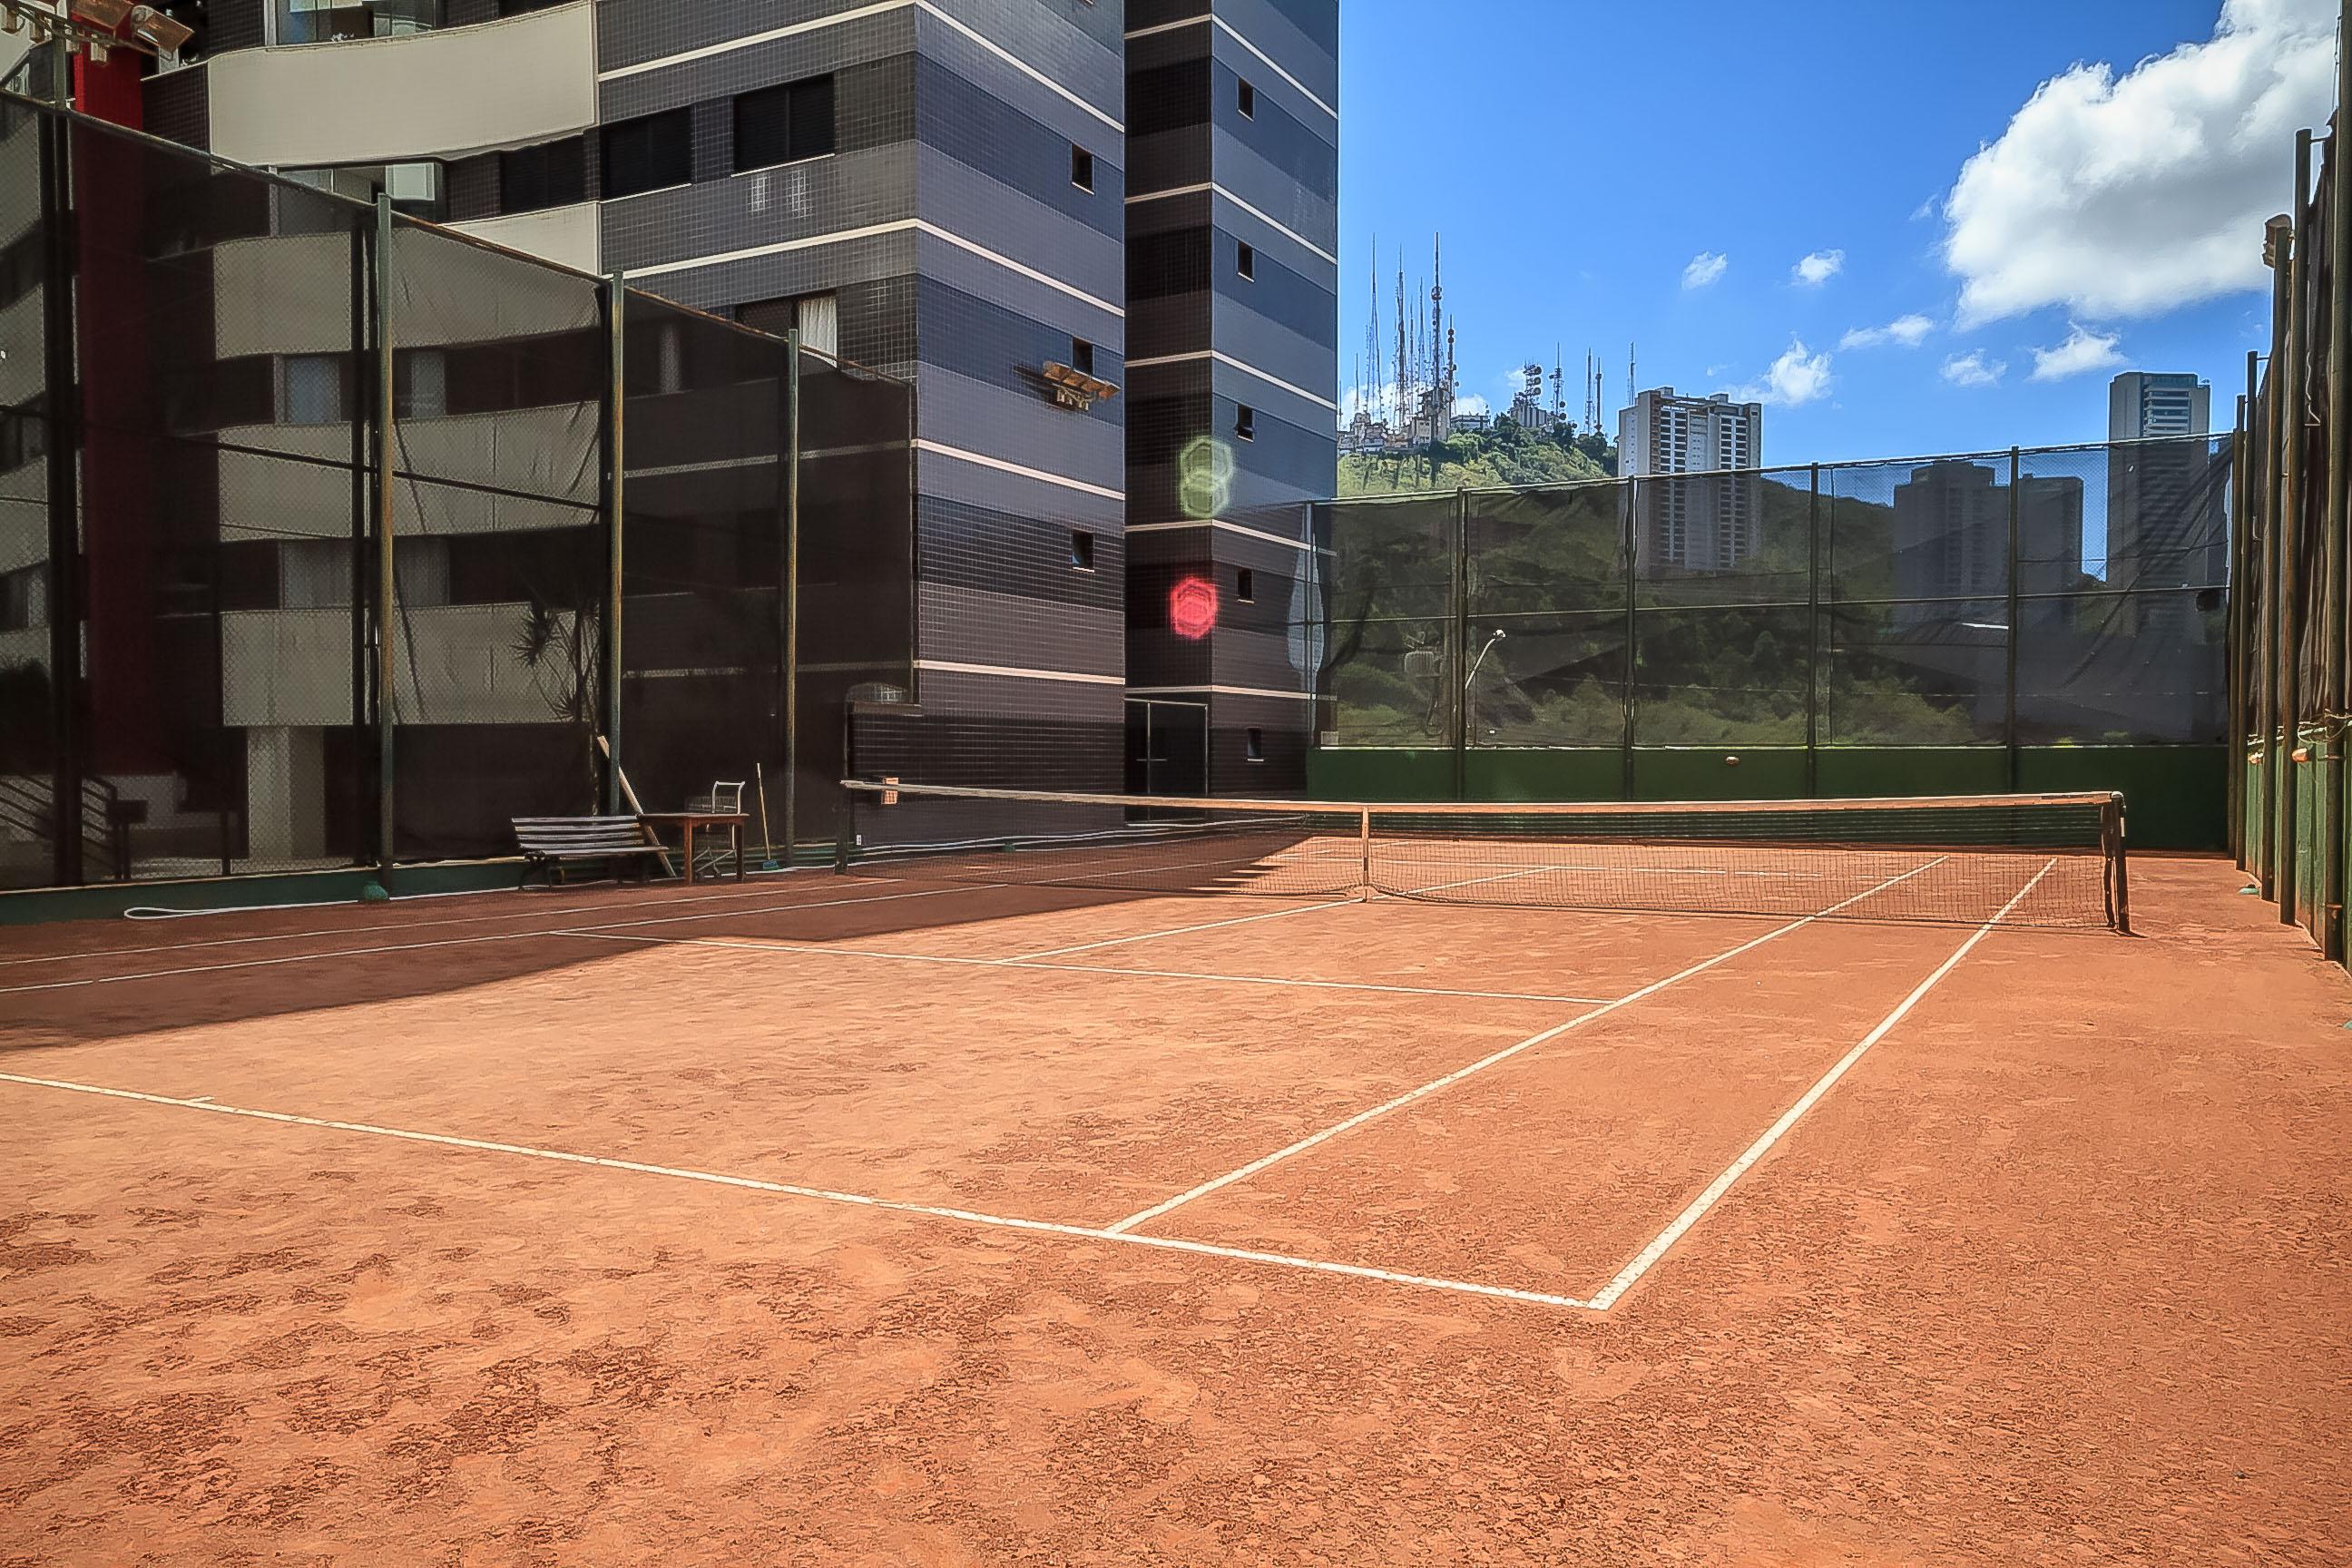 edificio alto da serra quadra de tenis